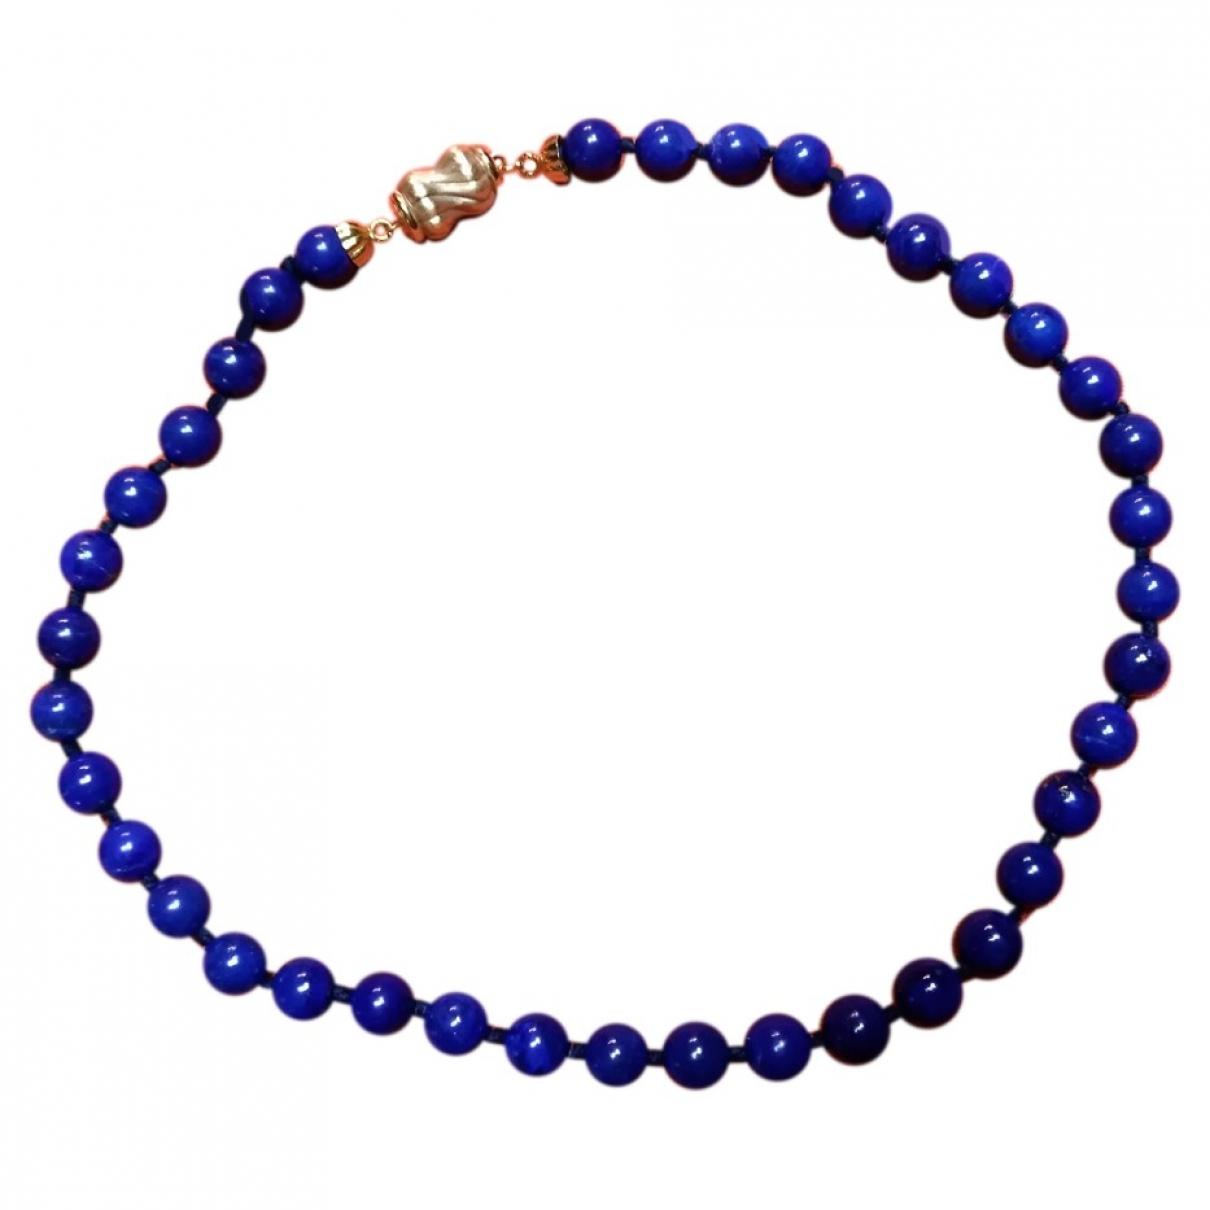 Collar Lapis lazuli de Perlas Non Signe / Unsigned